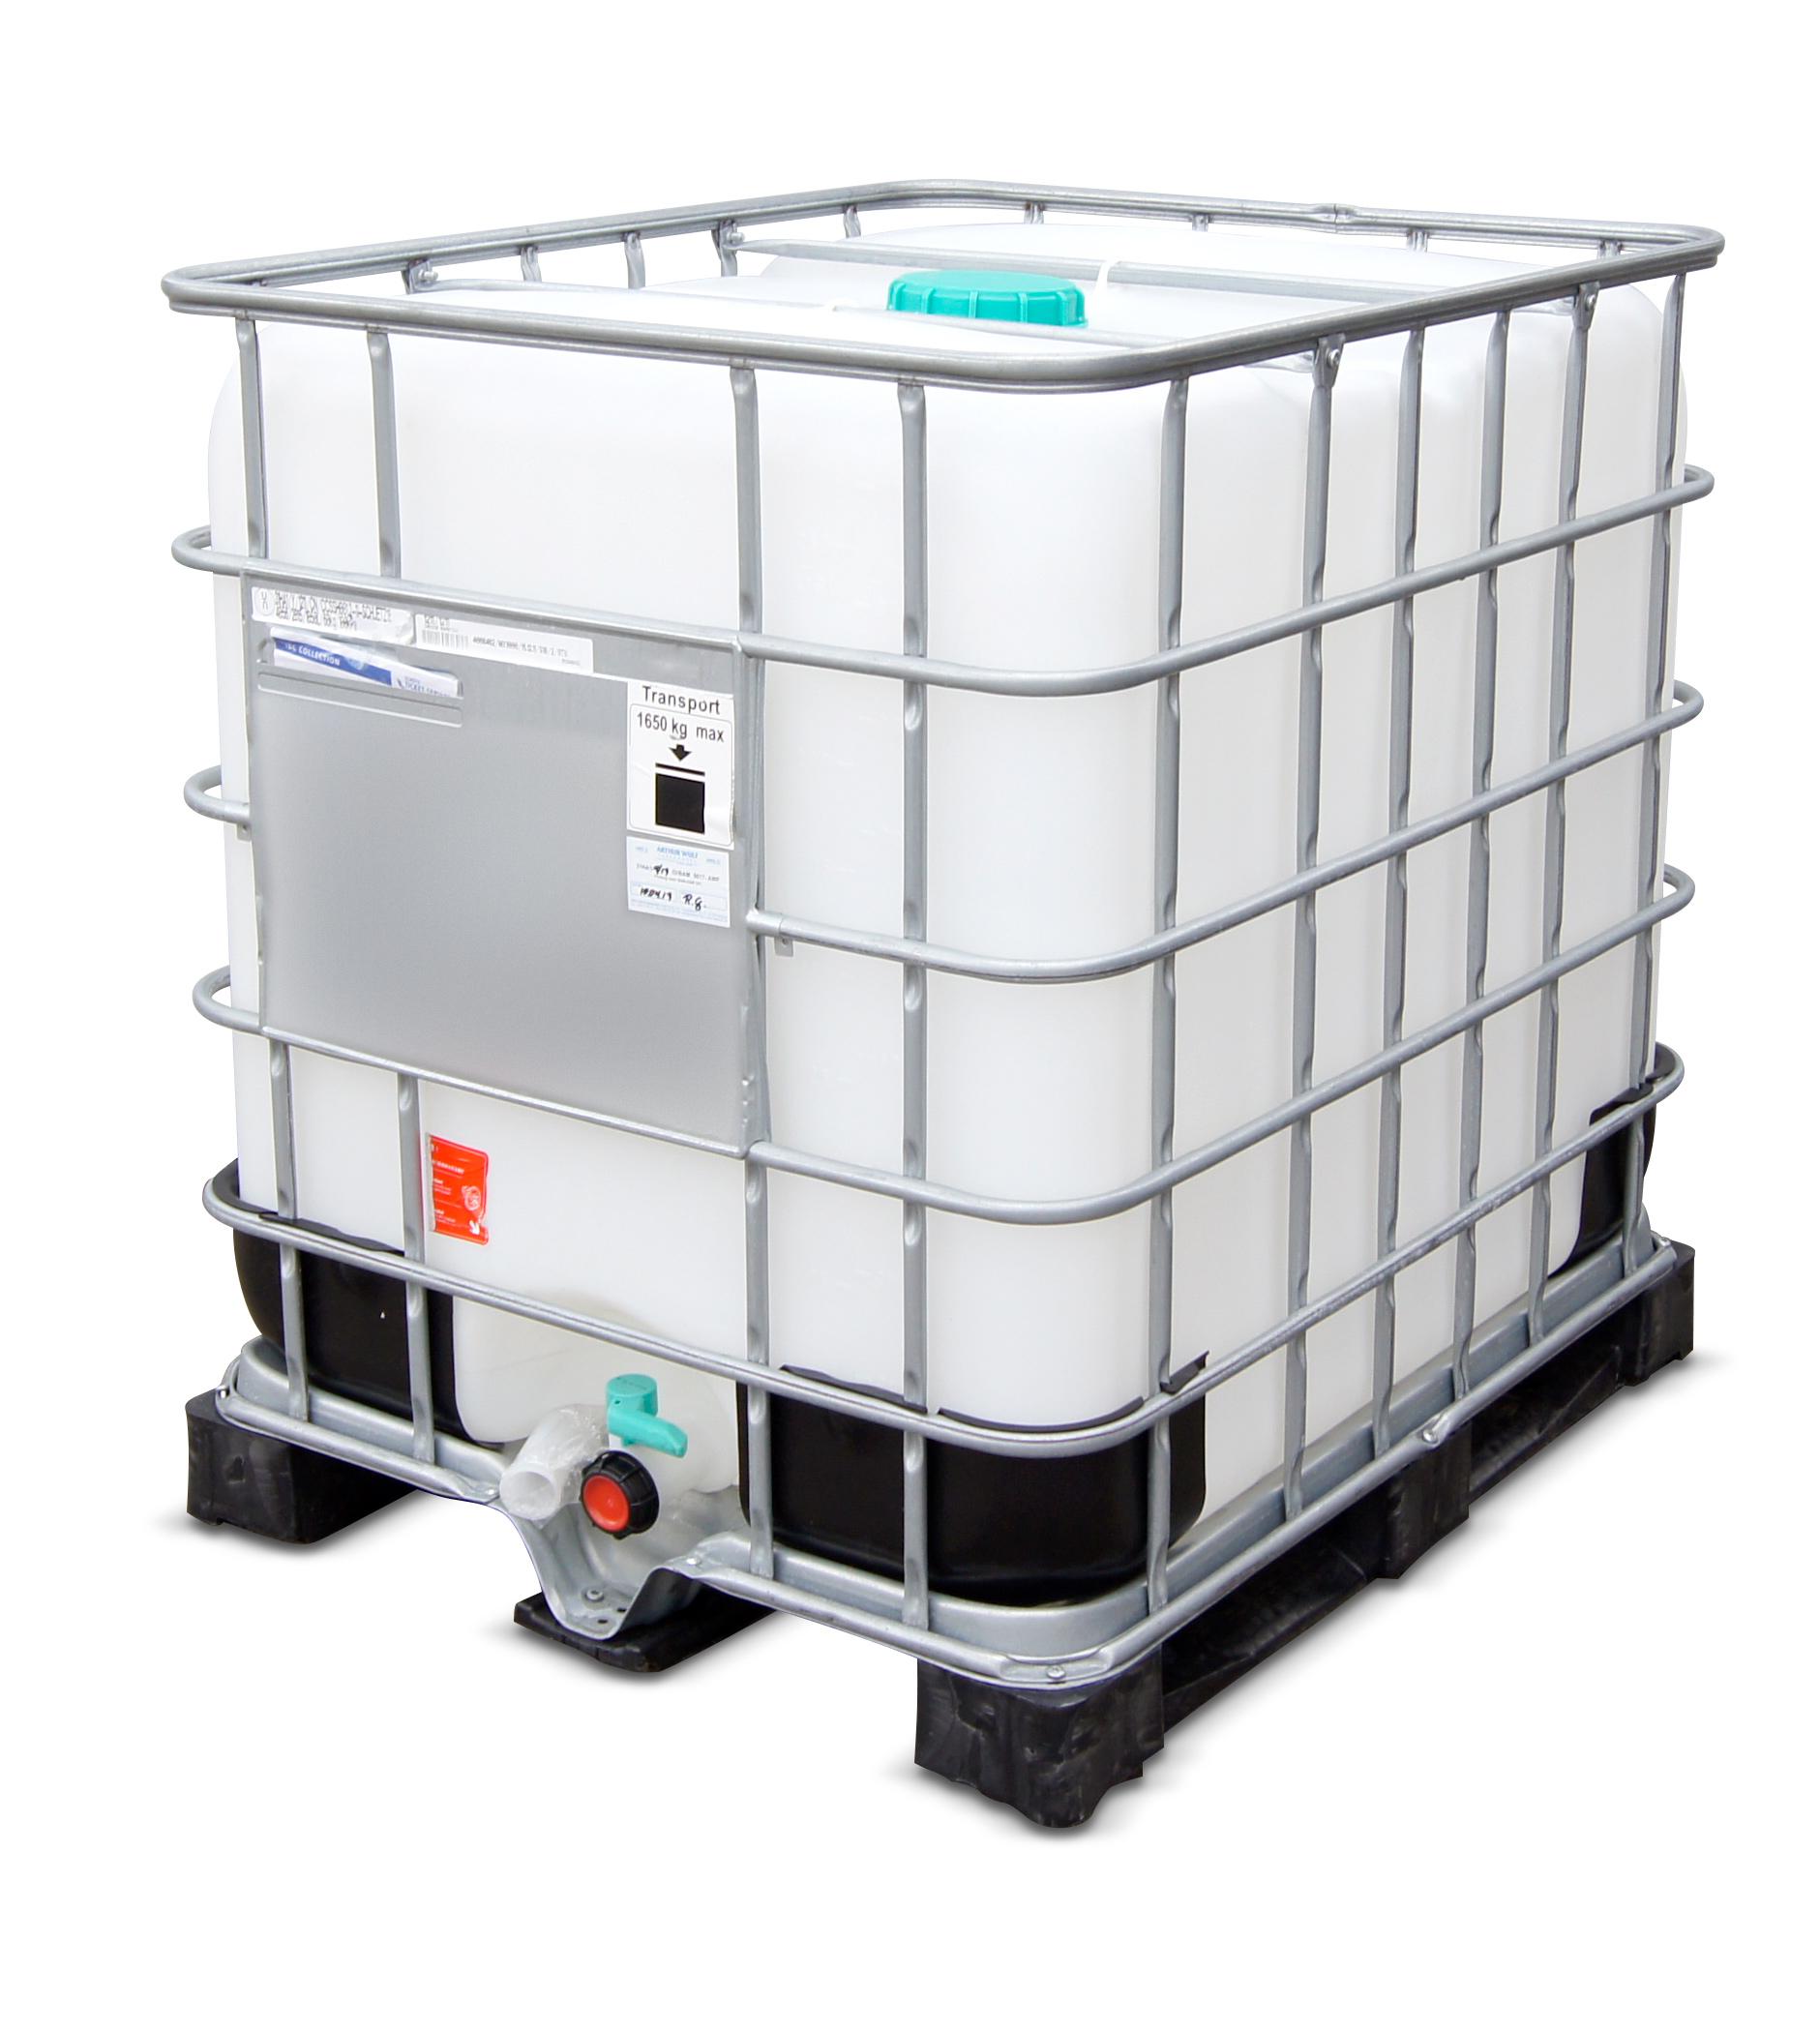 1000 L IBC Container, Kunststoffpalette, gebraucht gereinigt, 150/50, ohne UN